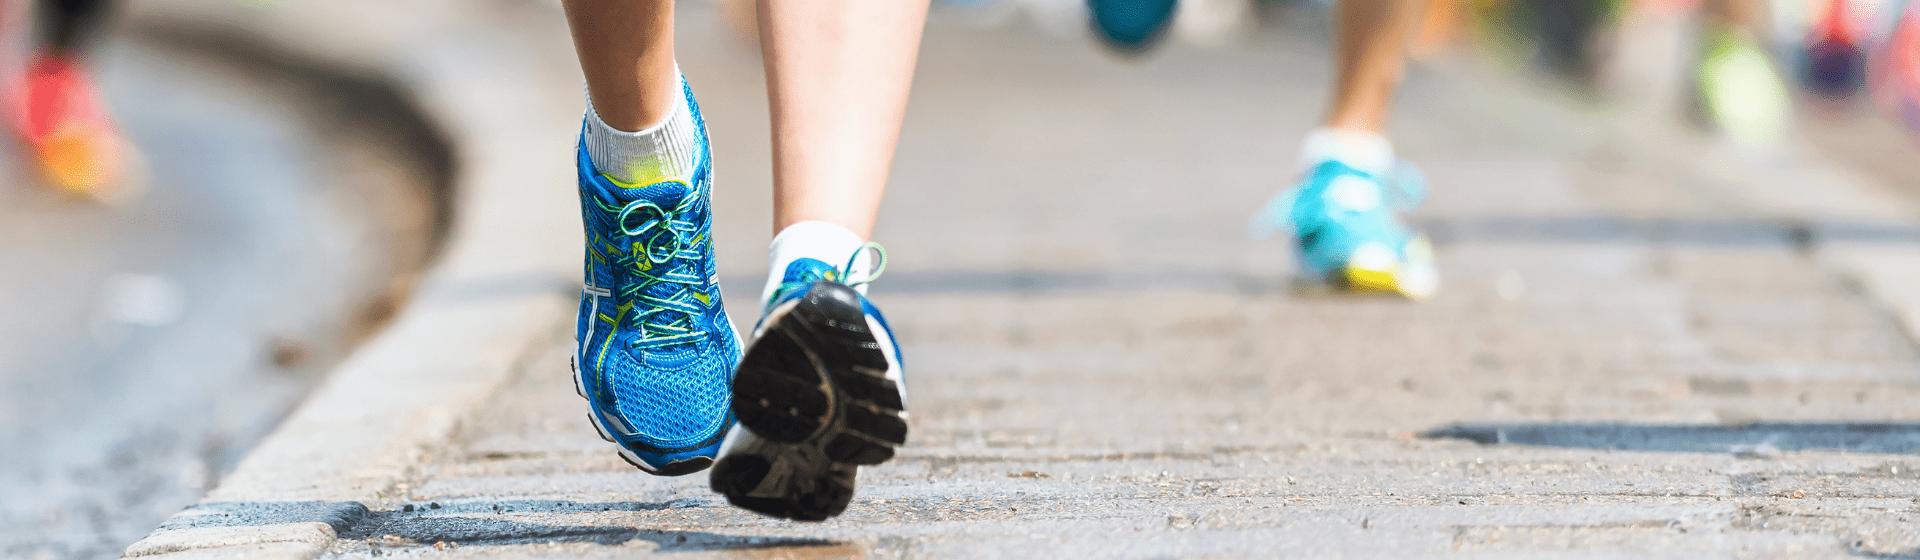 Tênis Asics para corrida: 8 modelos para comprar em 2021